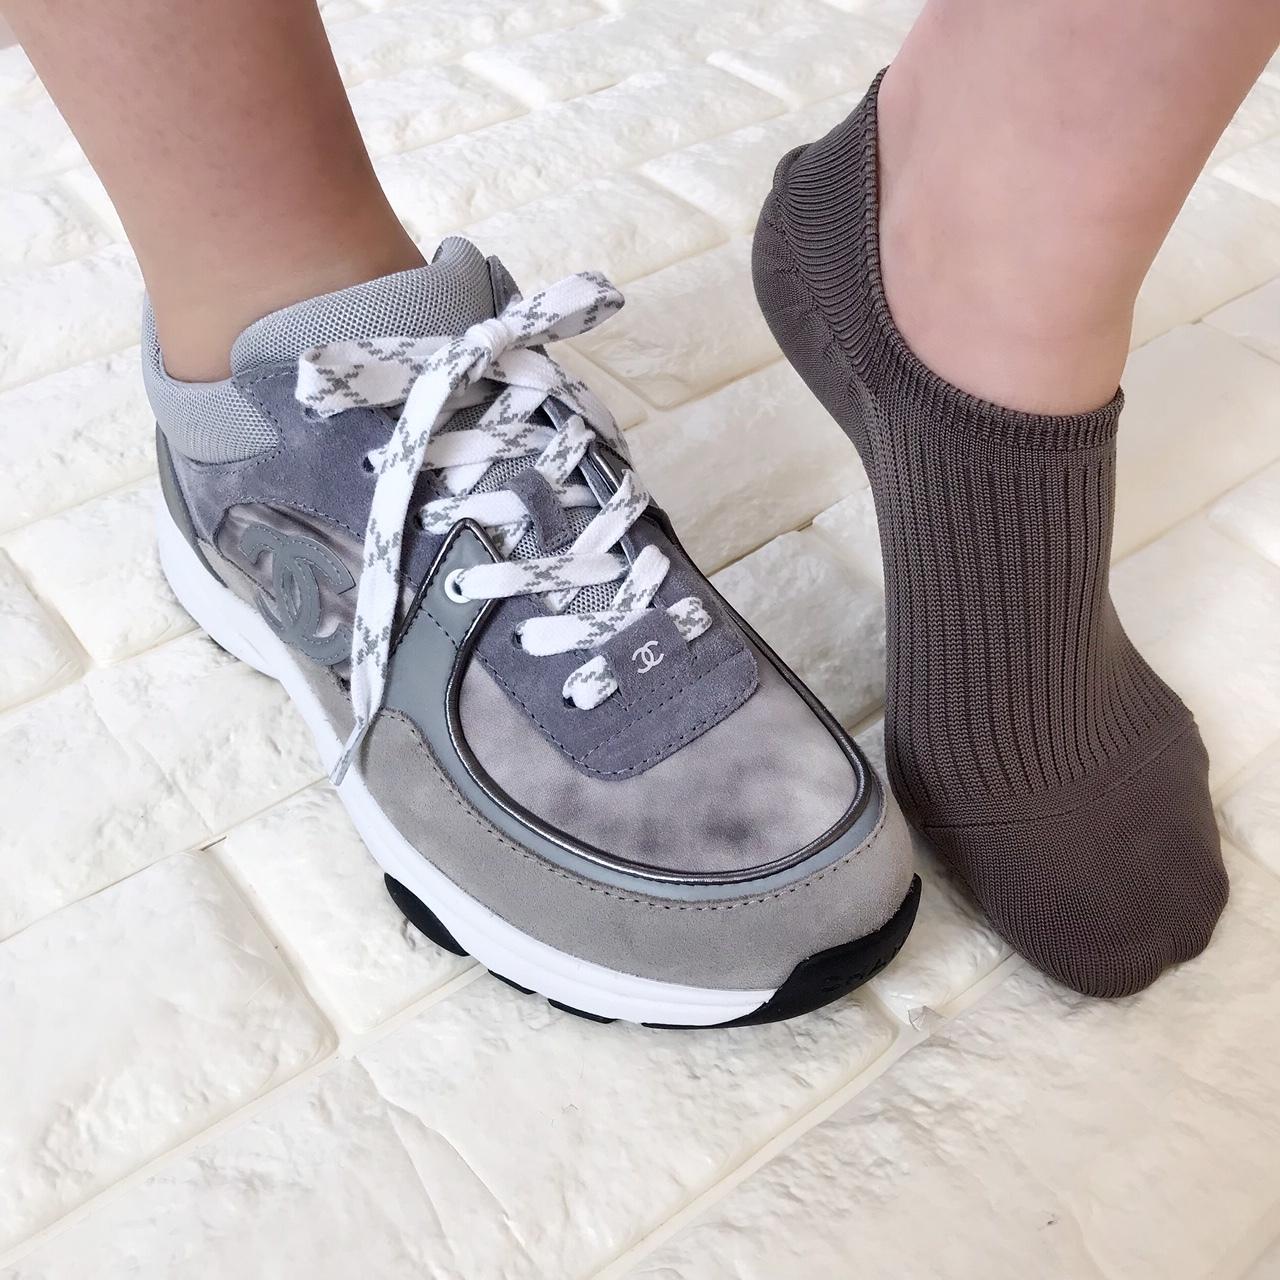 シャネルのスニーカーと靴下を合わせた画像